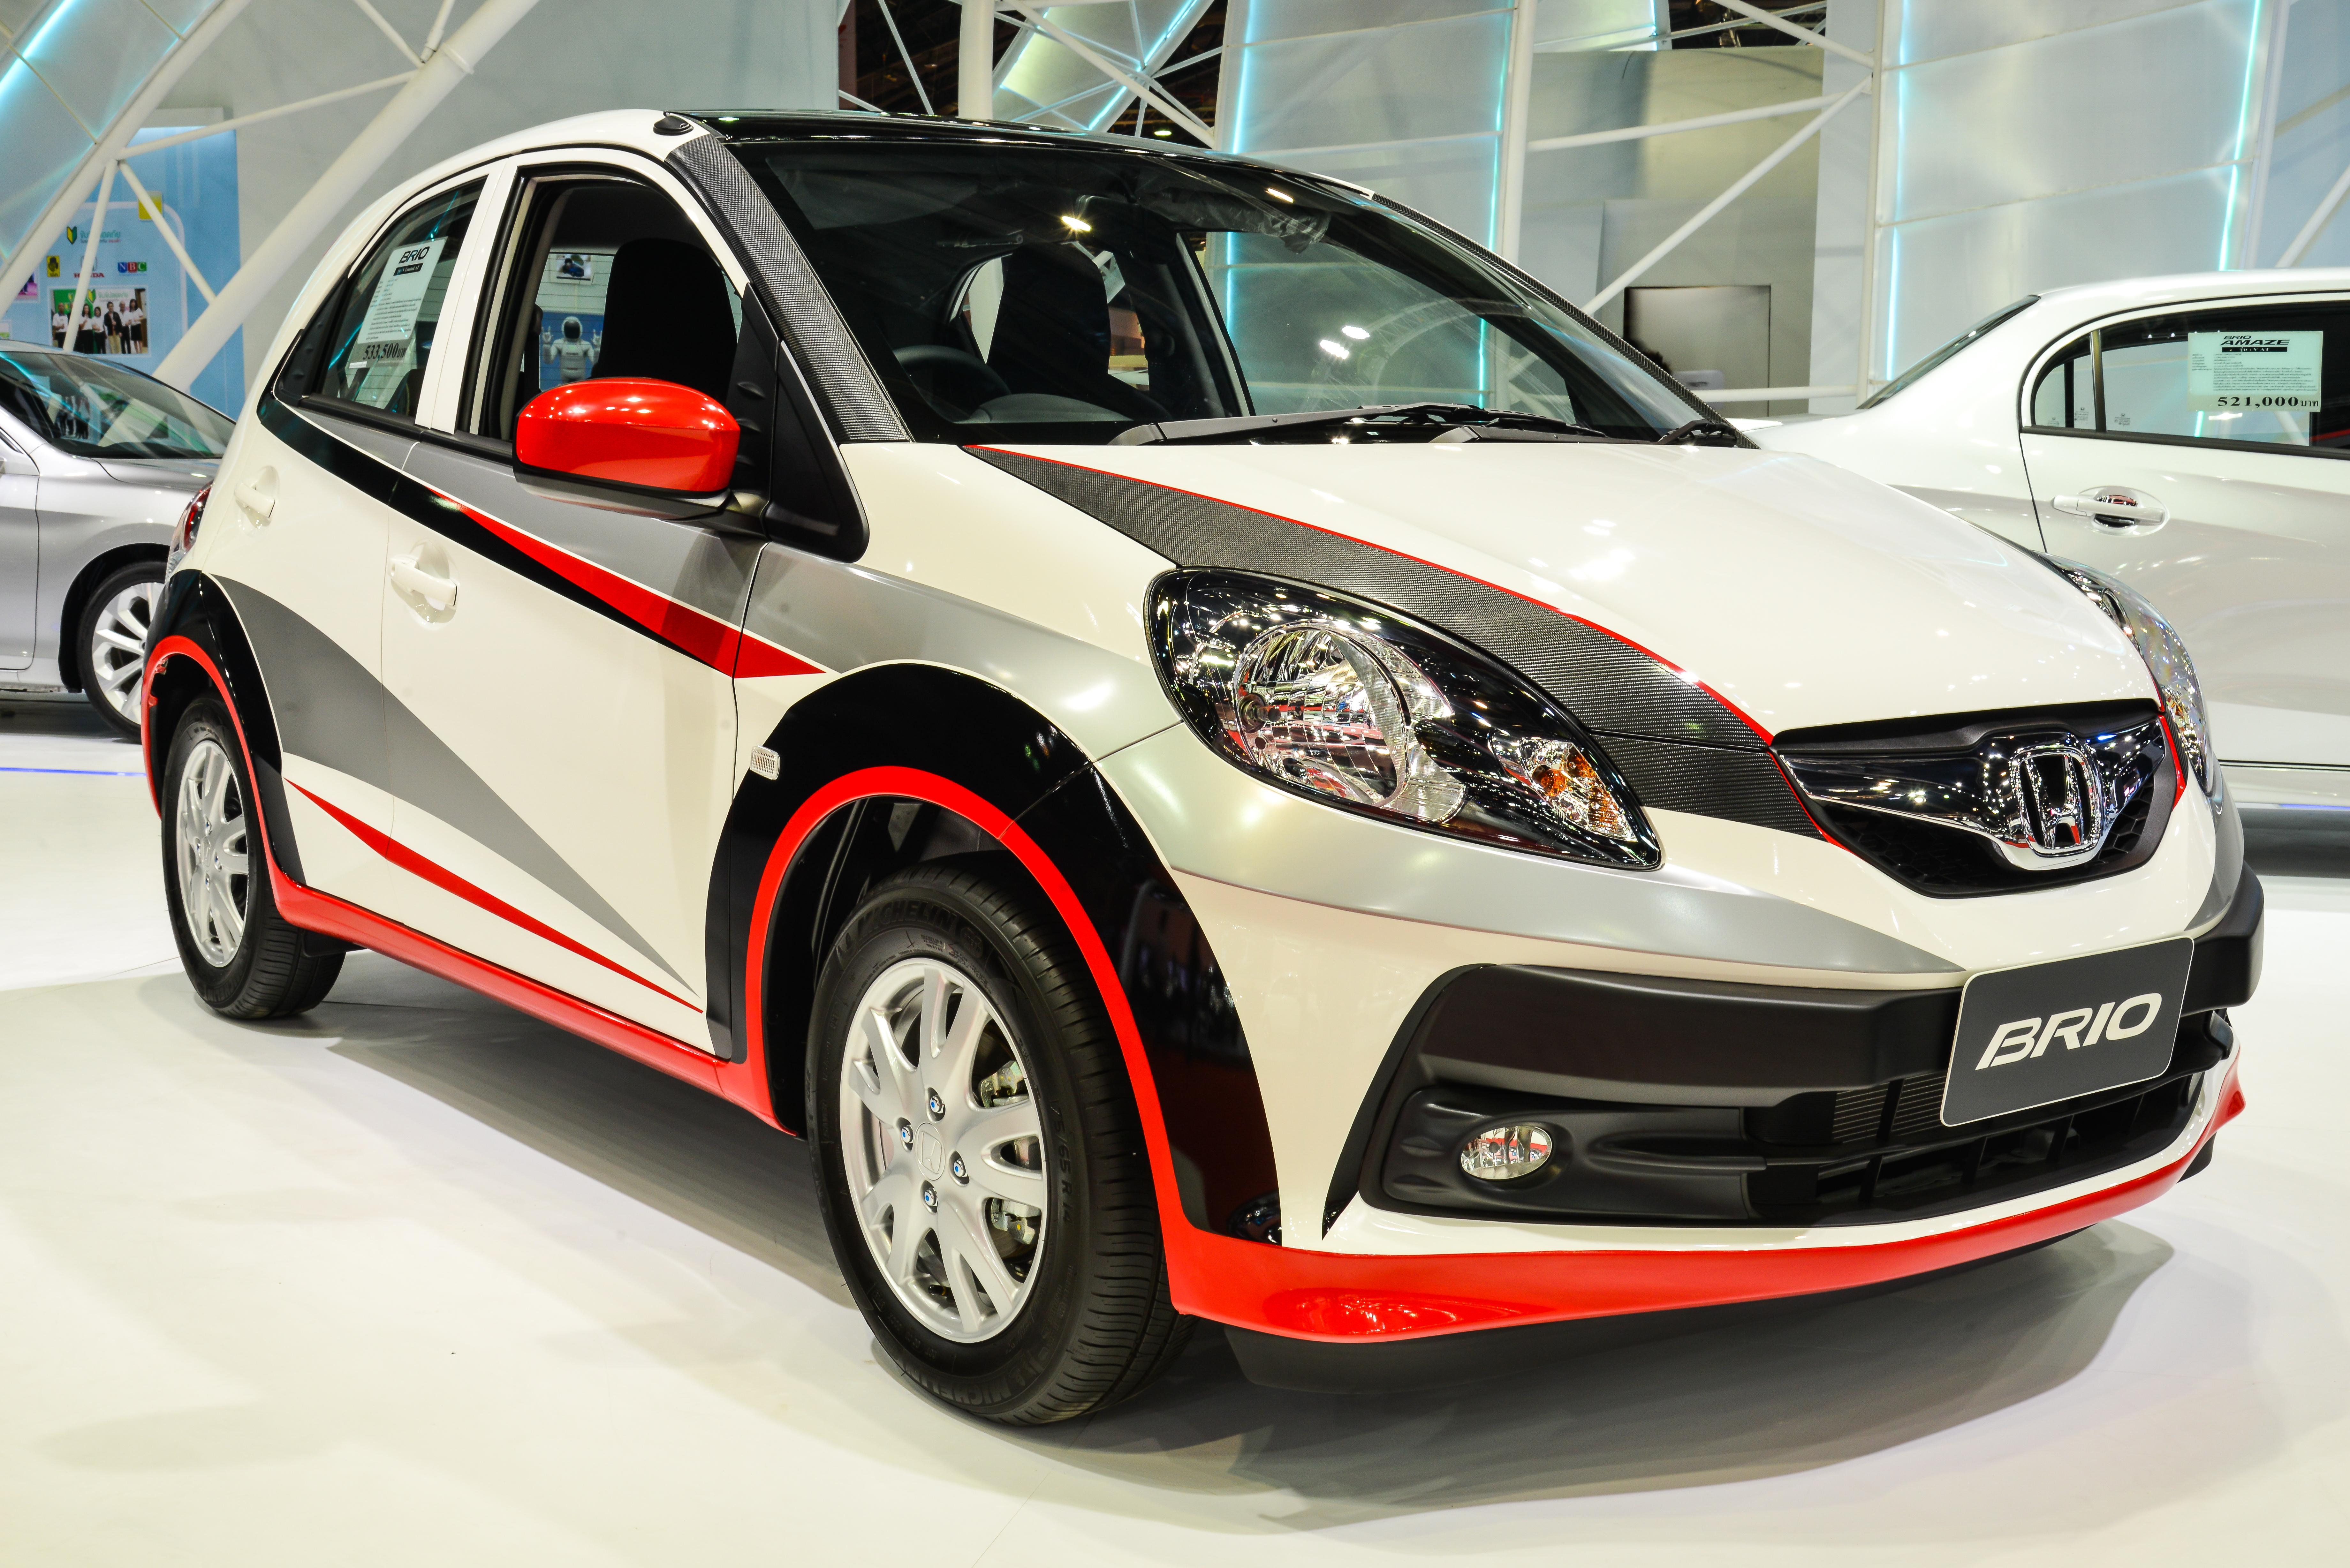 Car sticker design philippines - Honda Brio